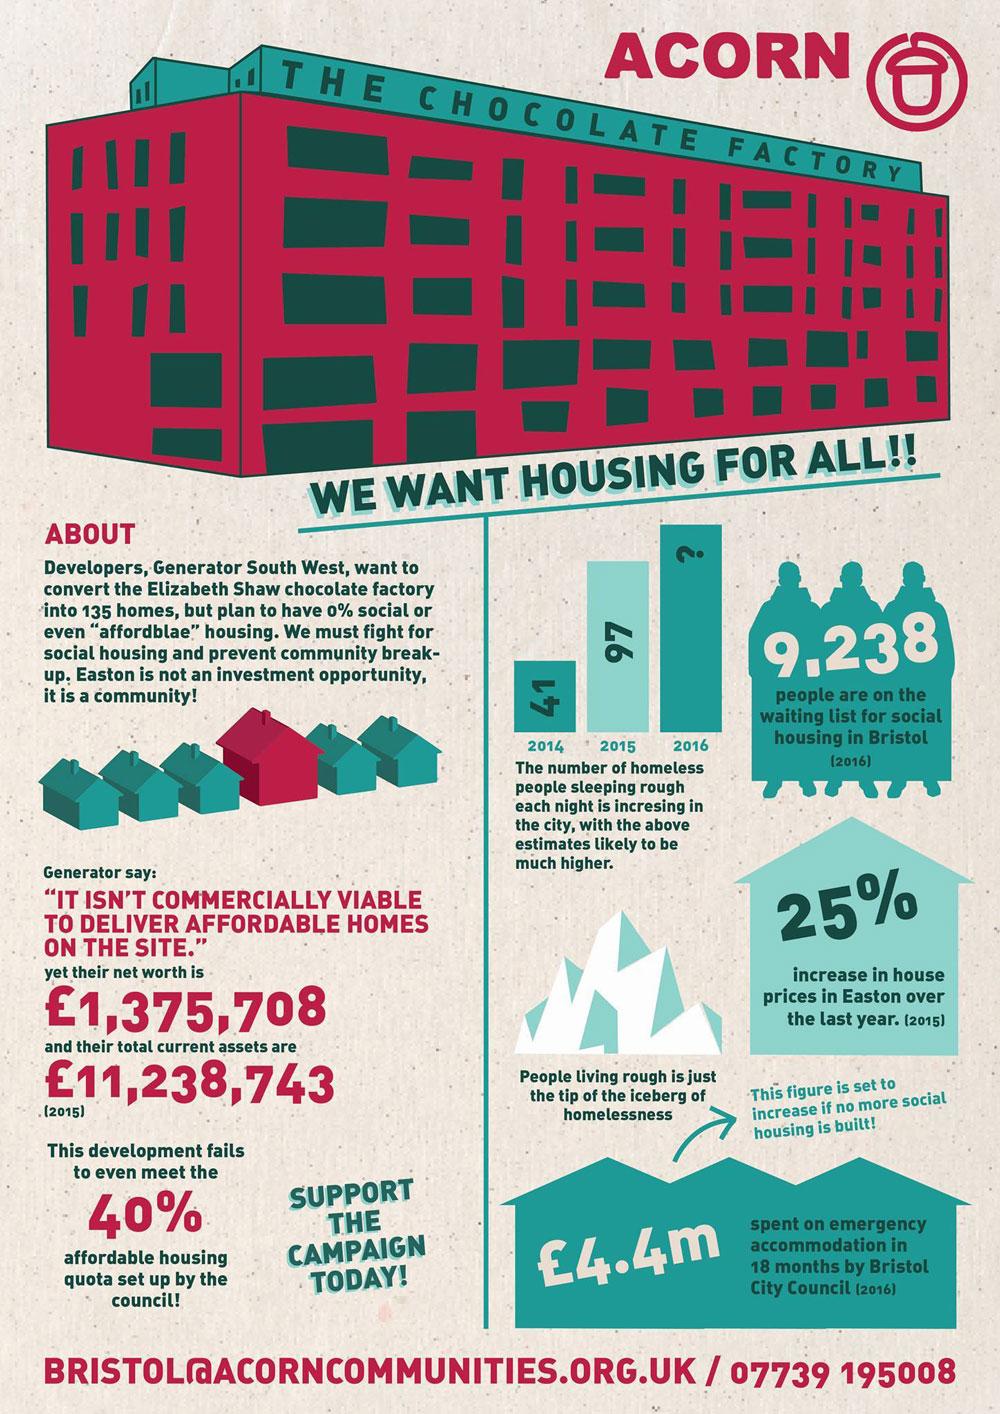 social-housing-infographic-acorn.jpg